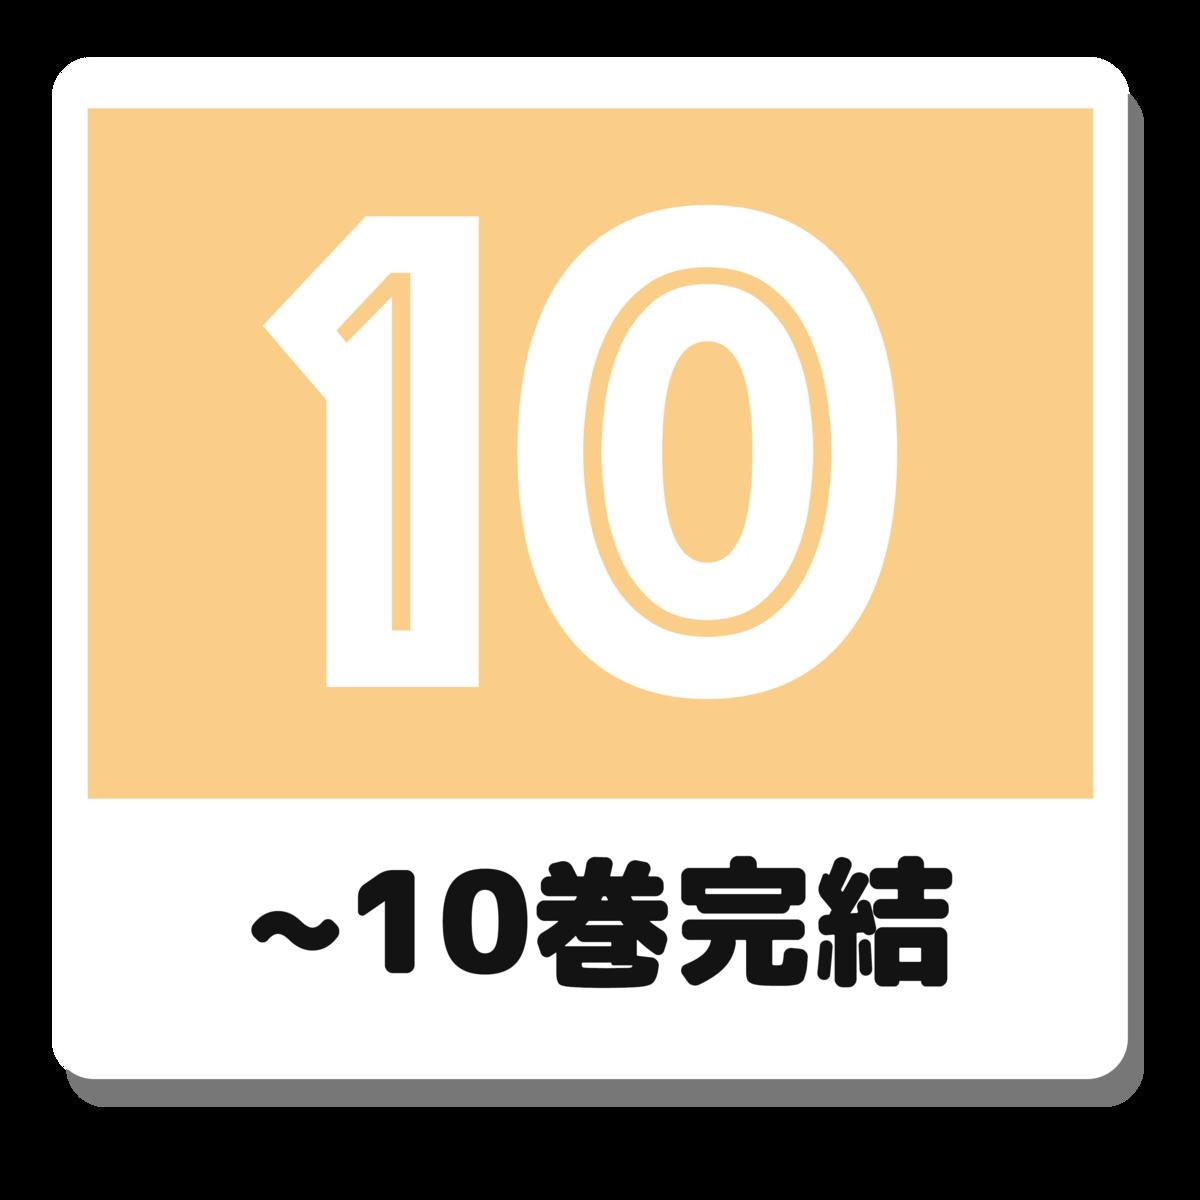 f:id:mimi_shiro:20190406163857p:plain